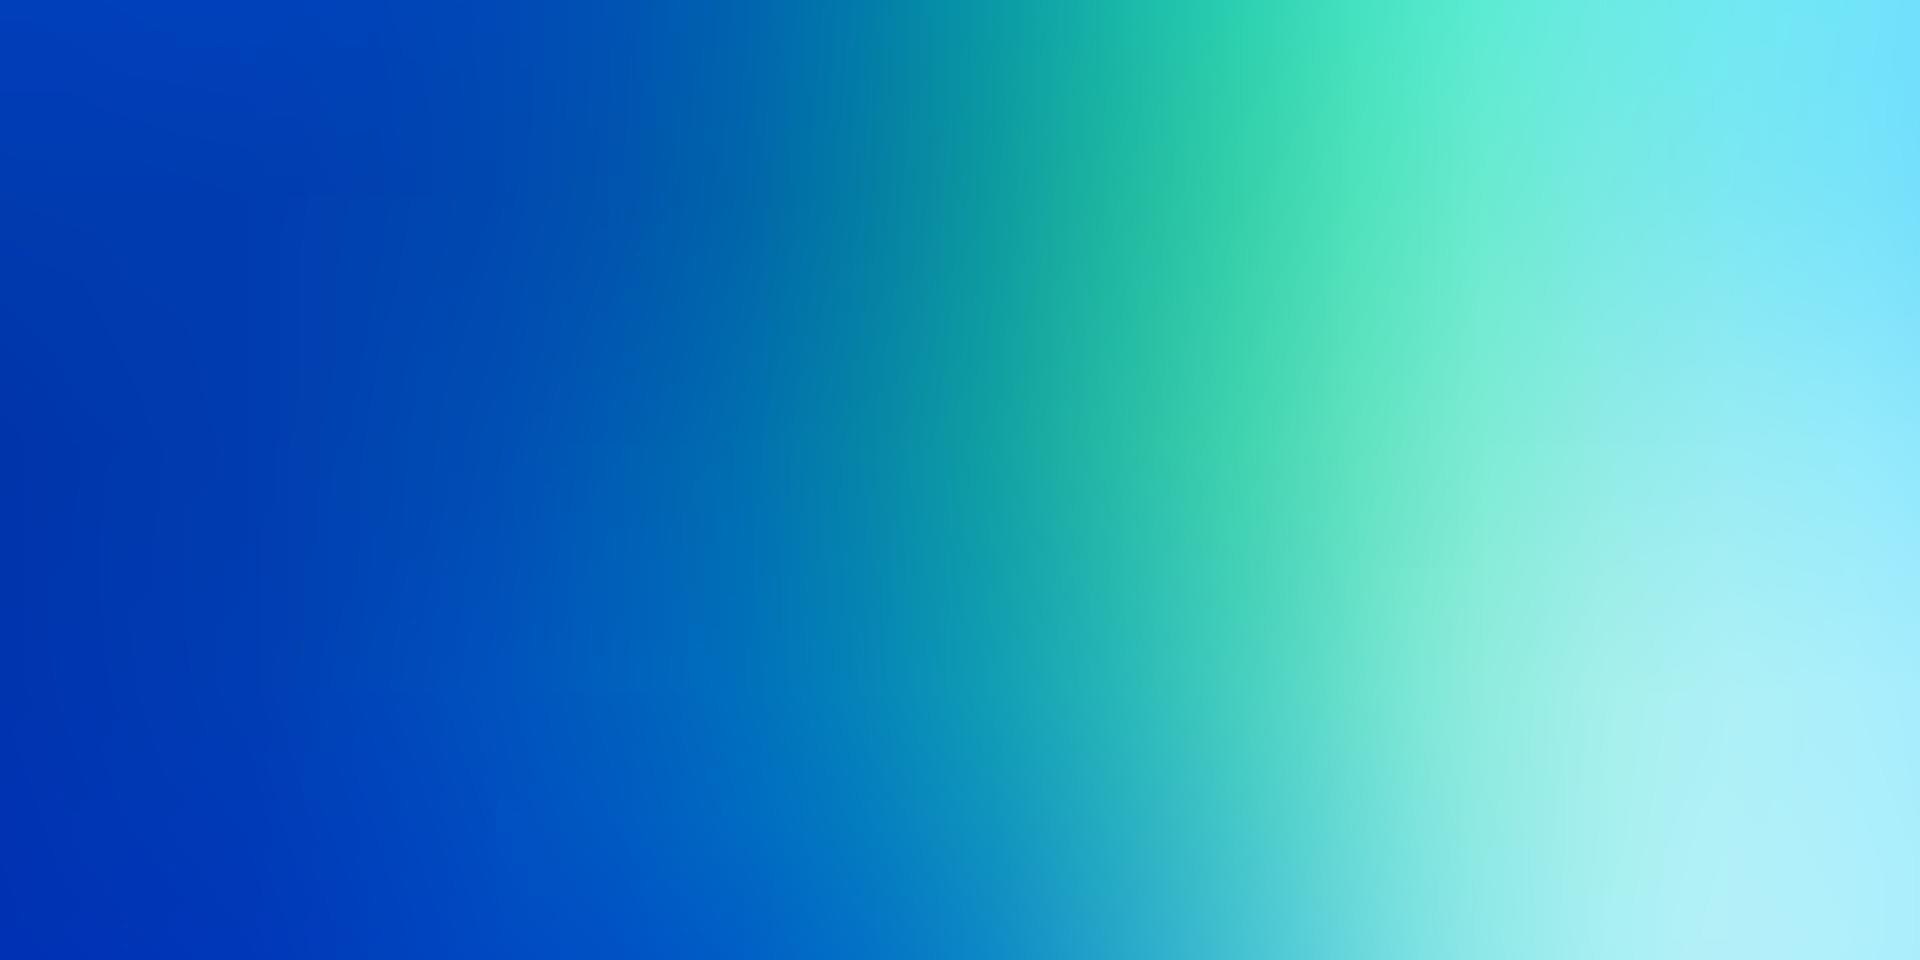 sfondo sfocato moderno di vettore blu chiaro, verde.